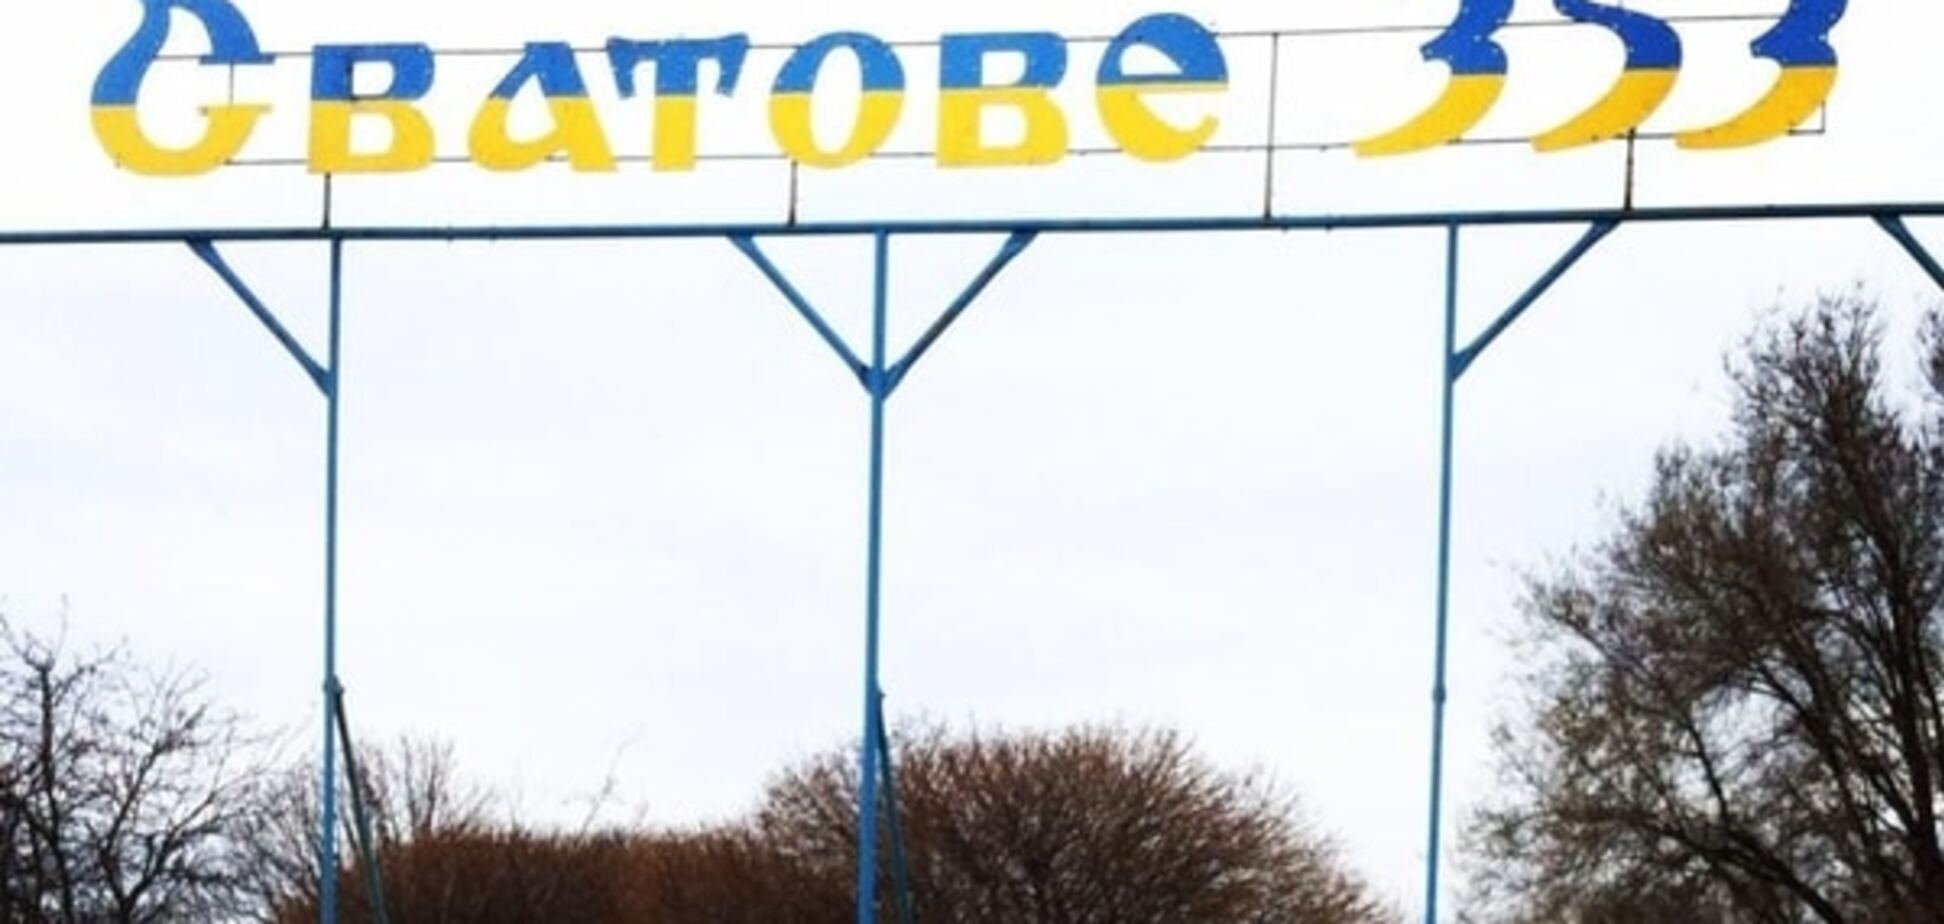 Пожар в Сватово: взрывы слышно на расстоянии 60 км